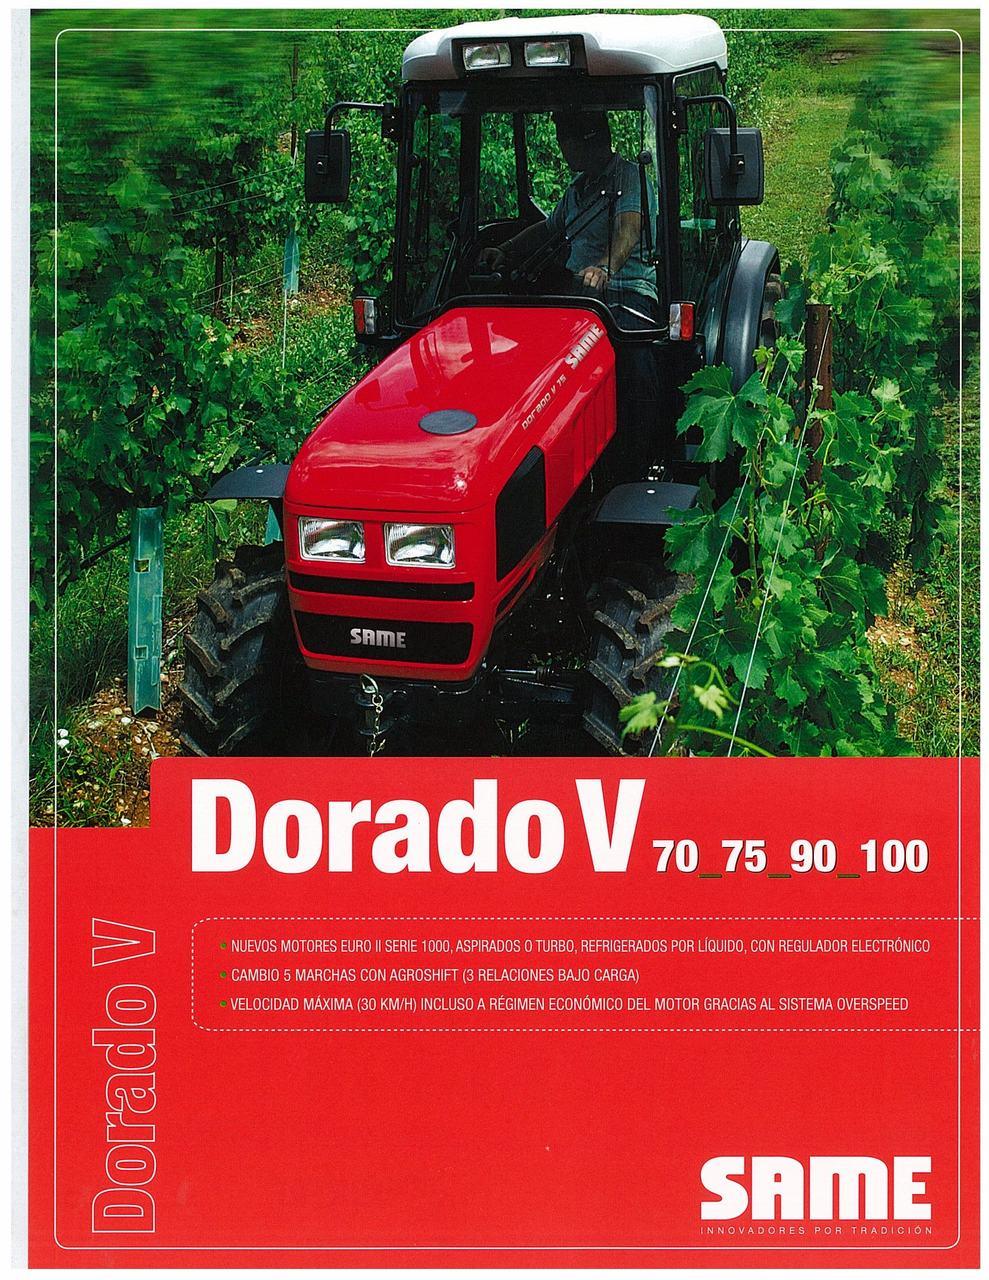 DORADO V 70 - 75 - 90 - 100